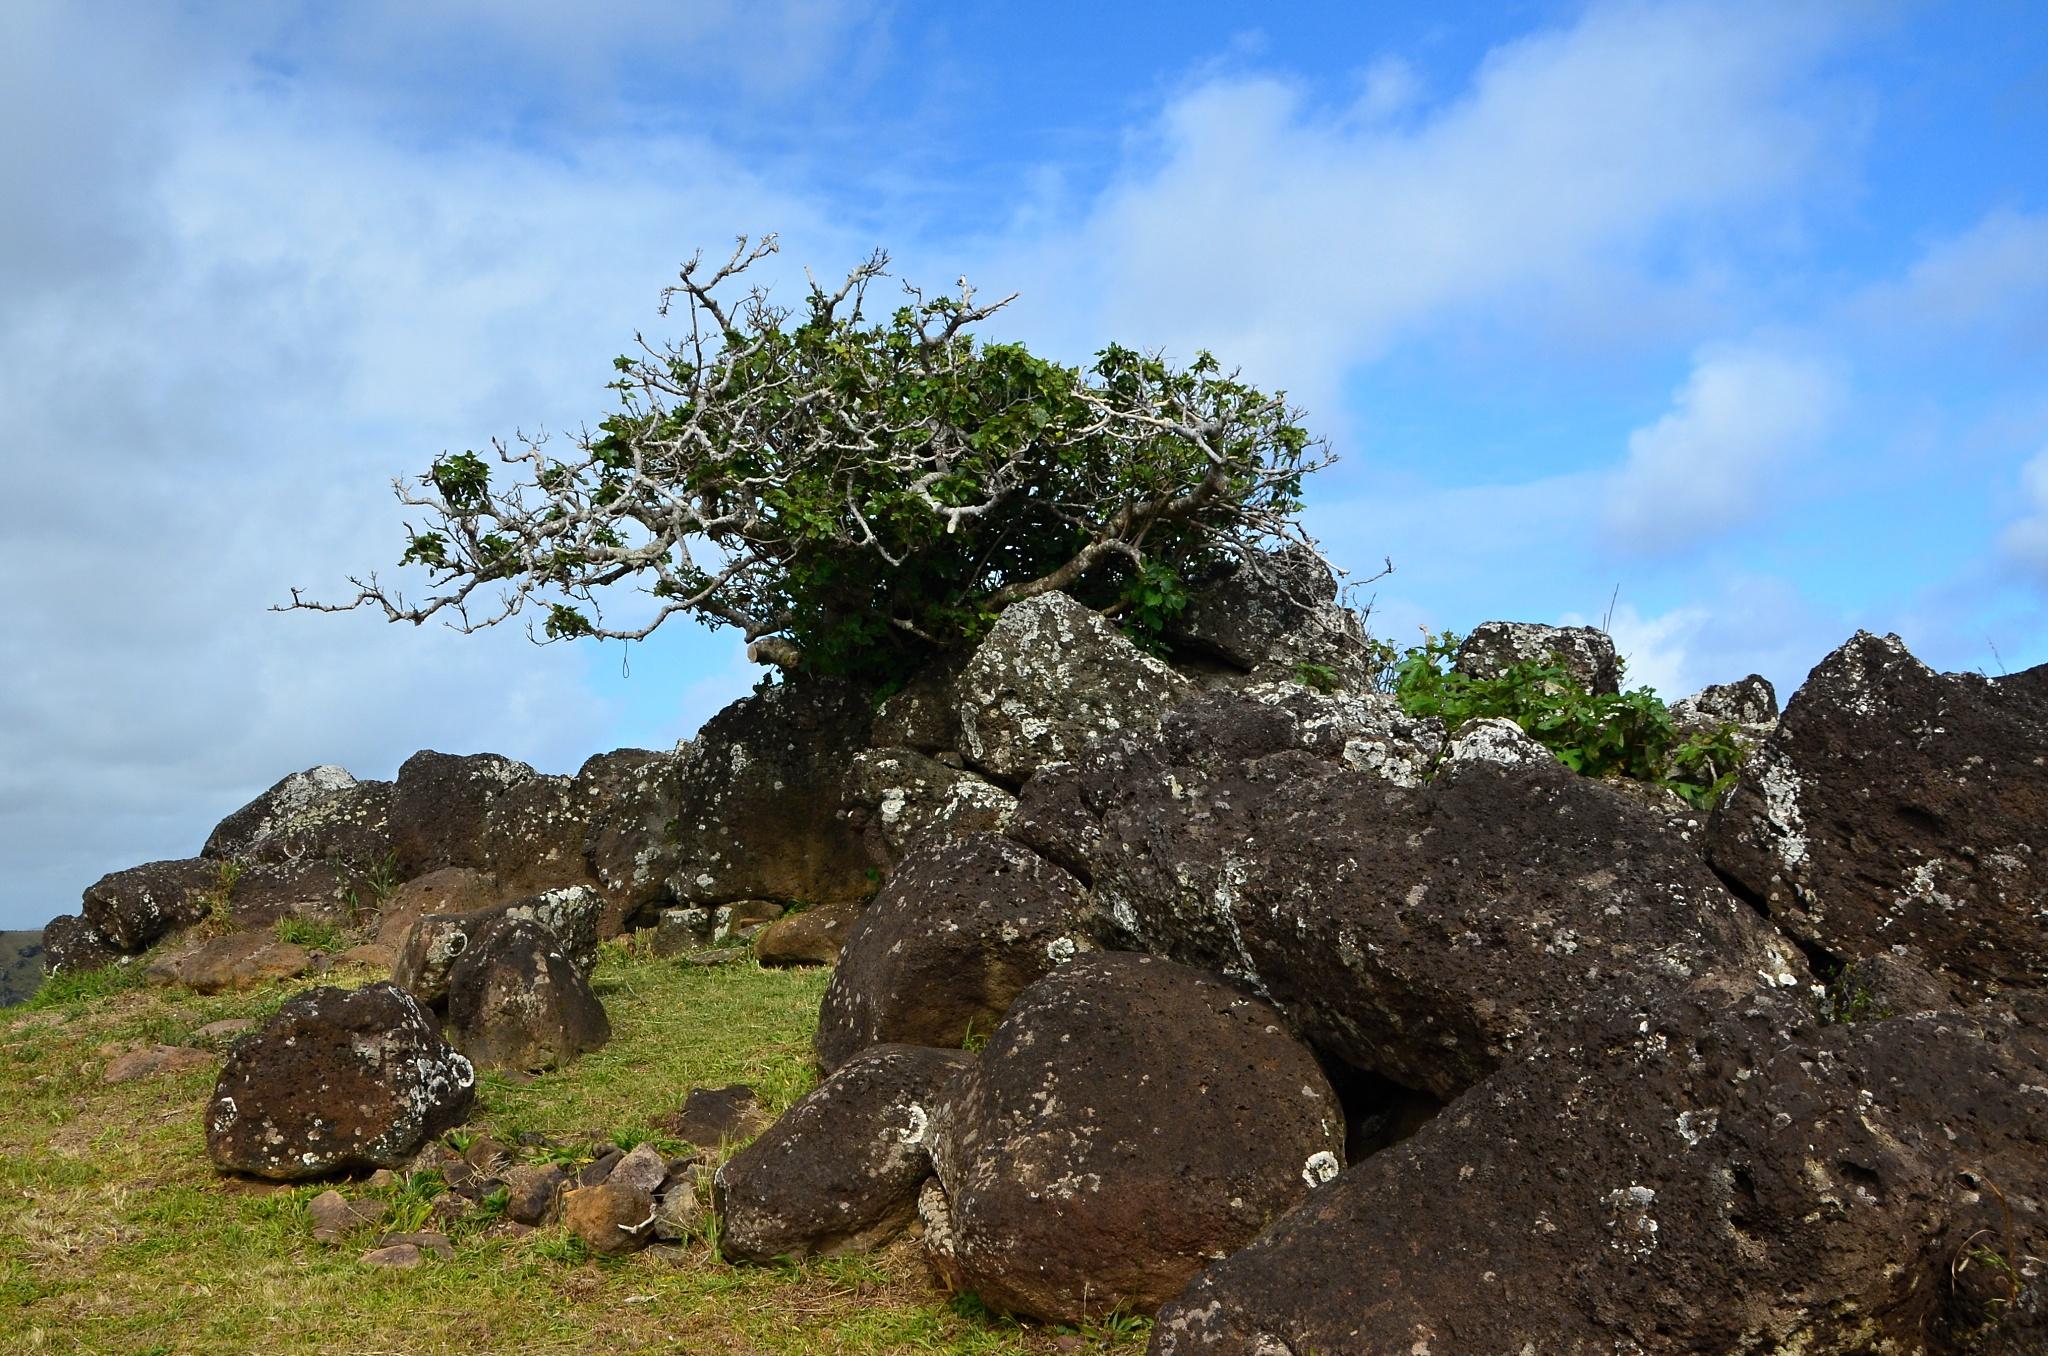 Na sopce roste dokonce i malý stromek